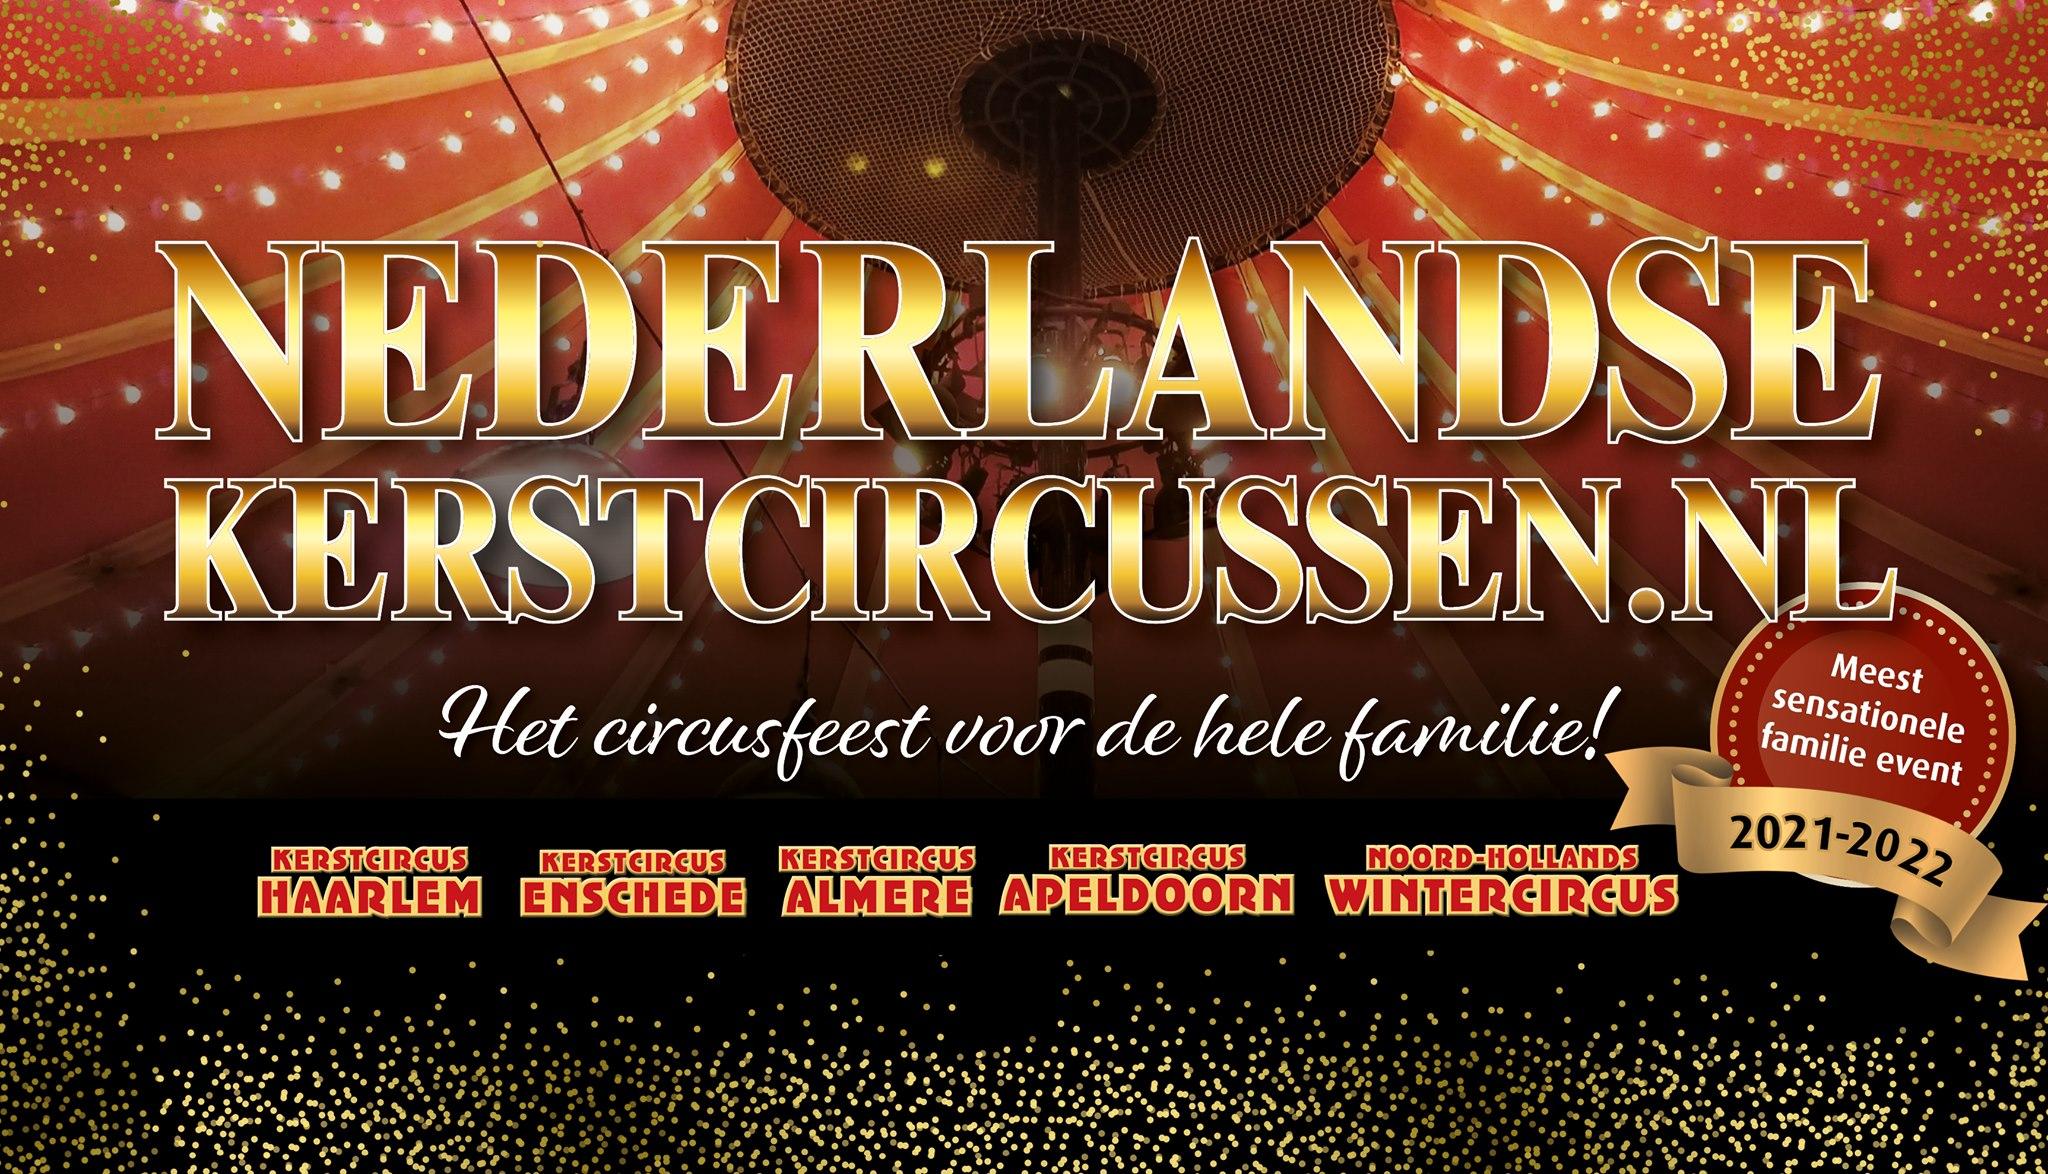 Nederlandse Kerstcircussen.nl